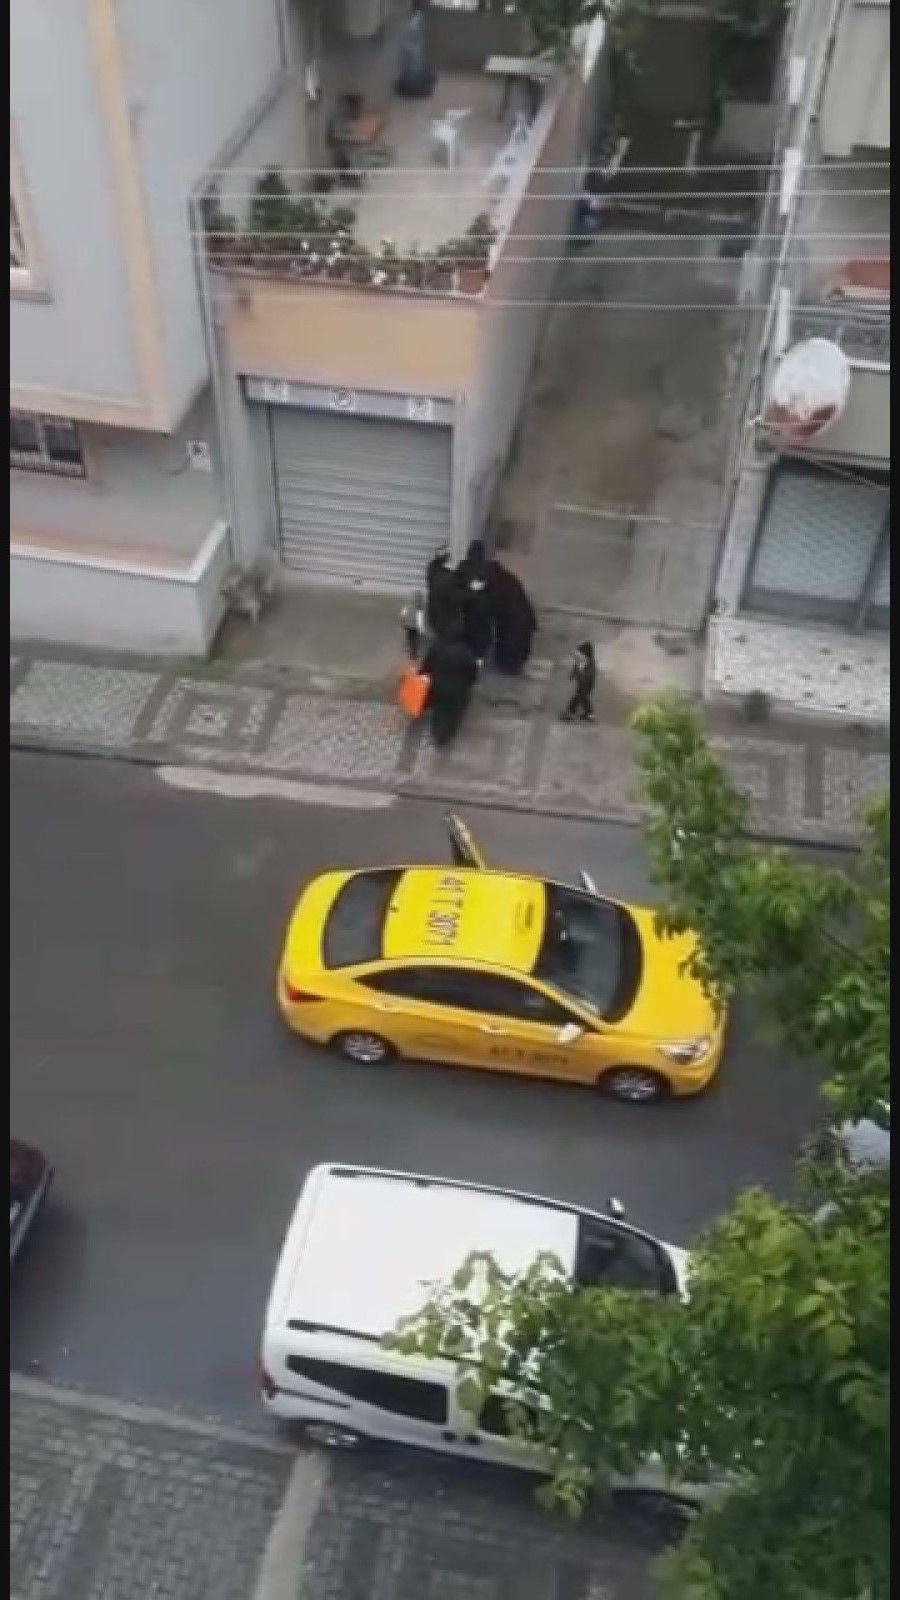 Böyle vicdansızlık görülmedi! Doğum yapan kadını taksici aracından attı! video izle - Sayfa 4